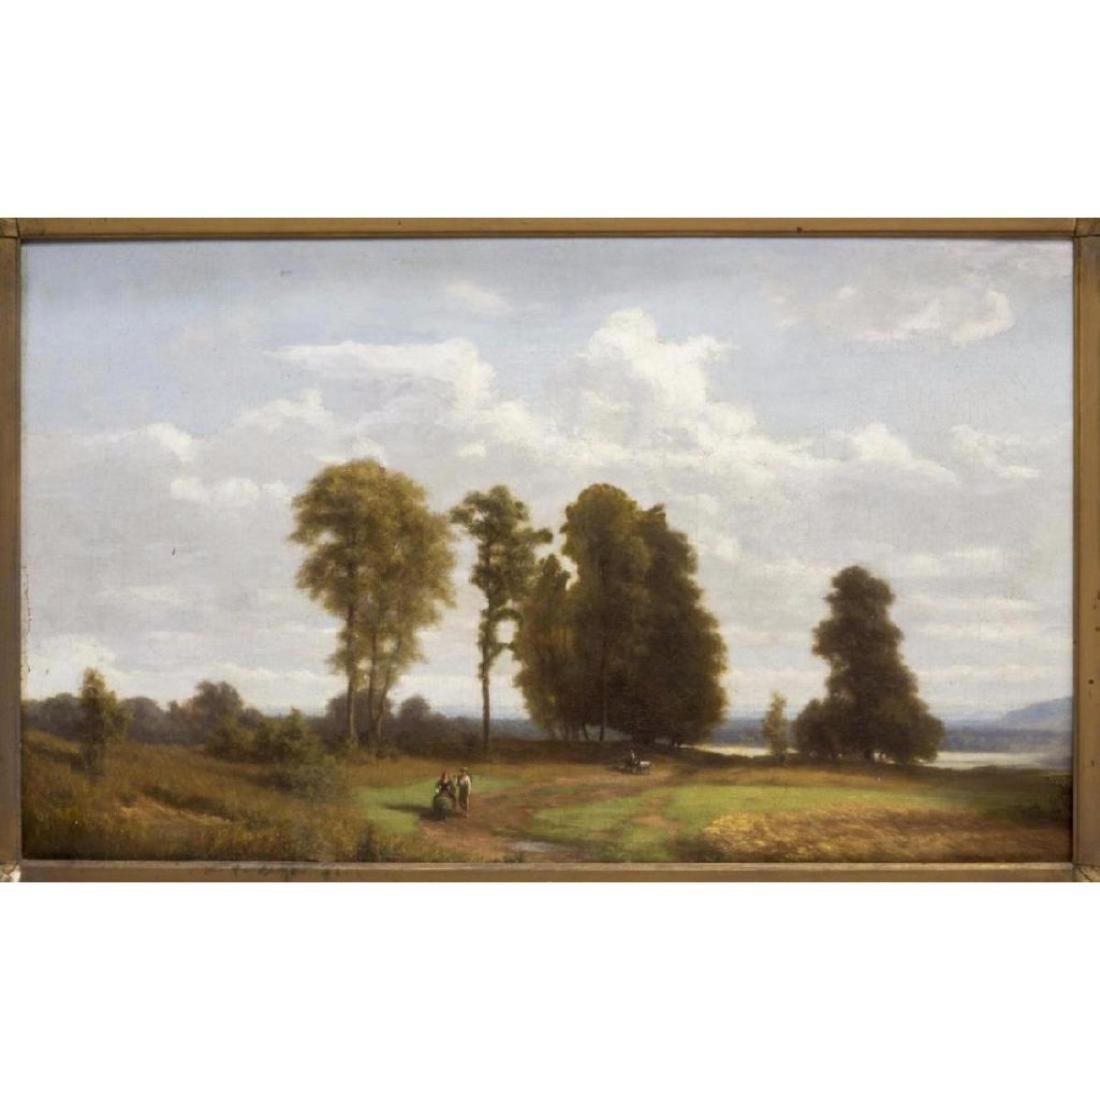 Framed Oil On Board Painting, Landscape